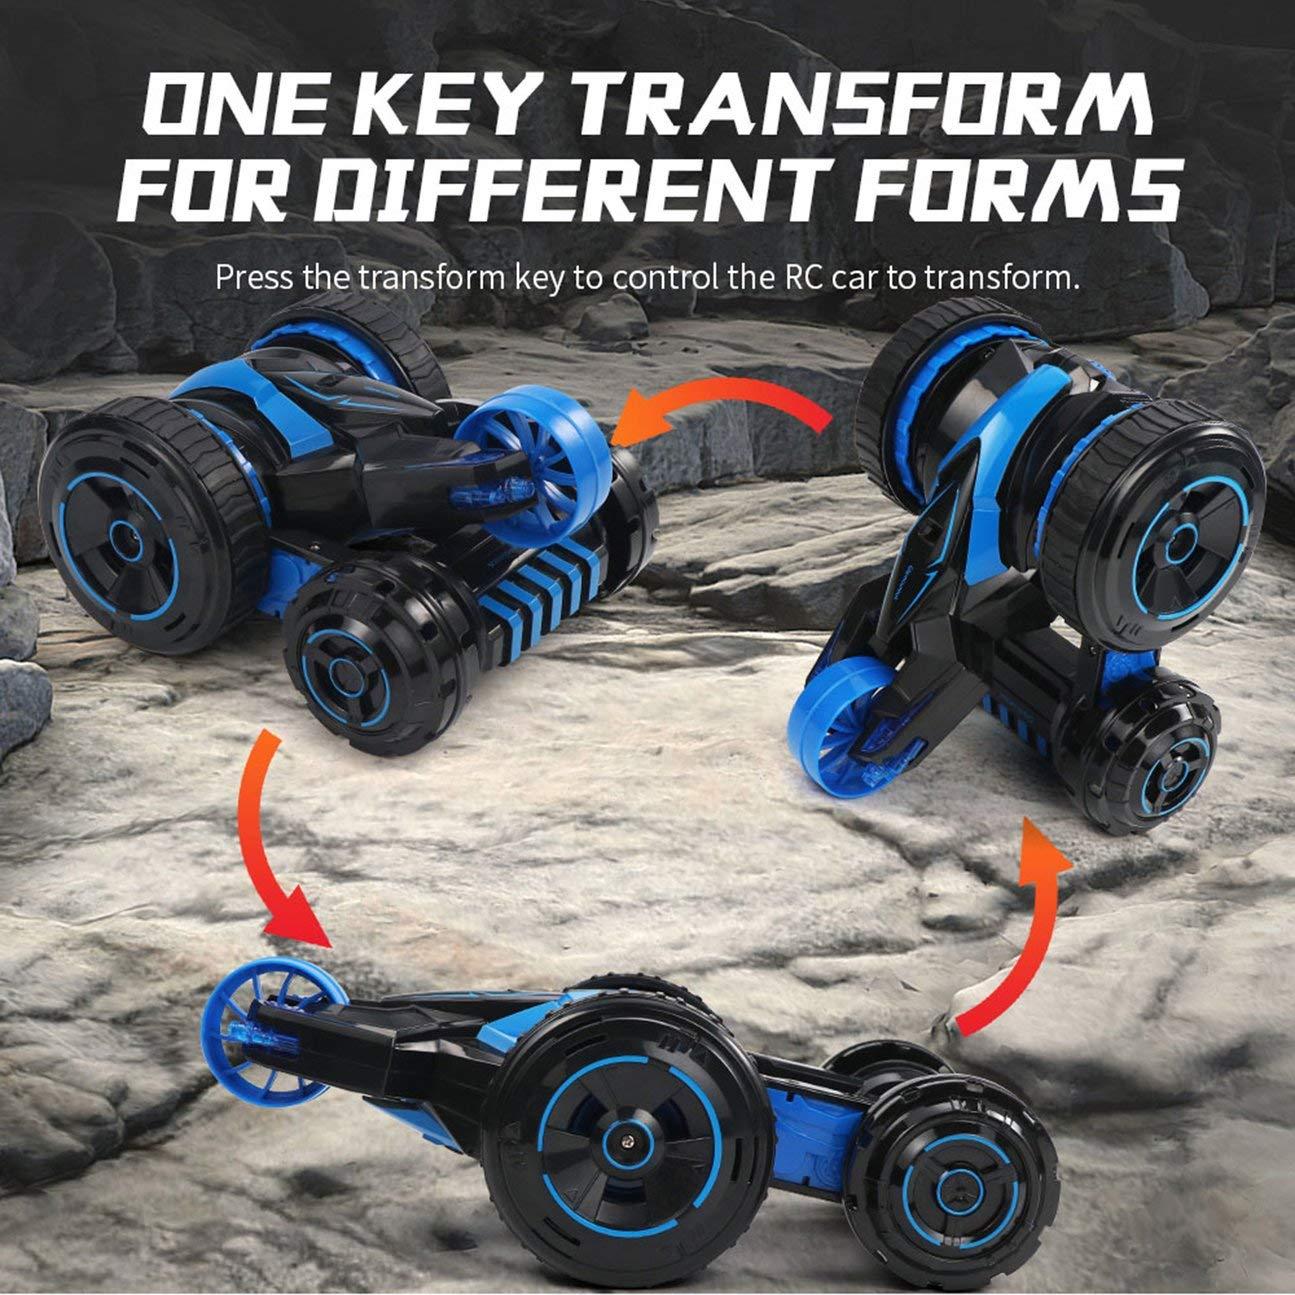 MachinYeser JJRC Q49 ACRO 360 ° Rotación Sistema de Llave Cinco Ruedas Una Llave de Transformar 2.4G Control Remoto Stunt Car para Niños Juguetes Regalos de cumpleaños Azul c4f9b5